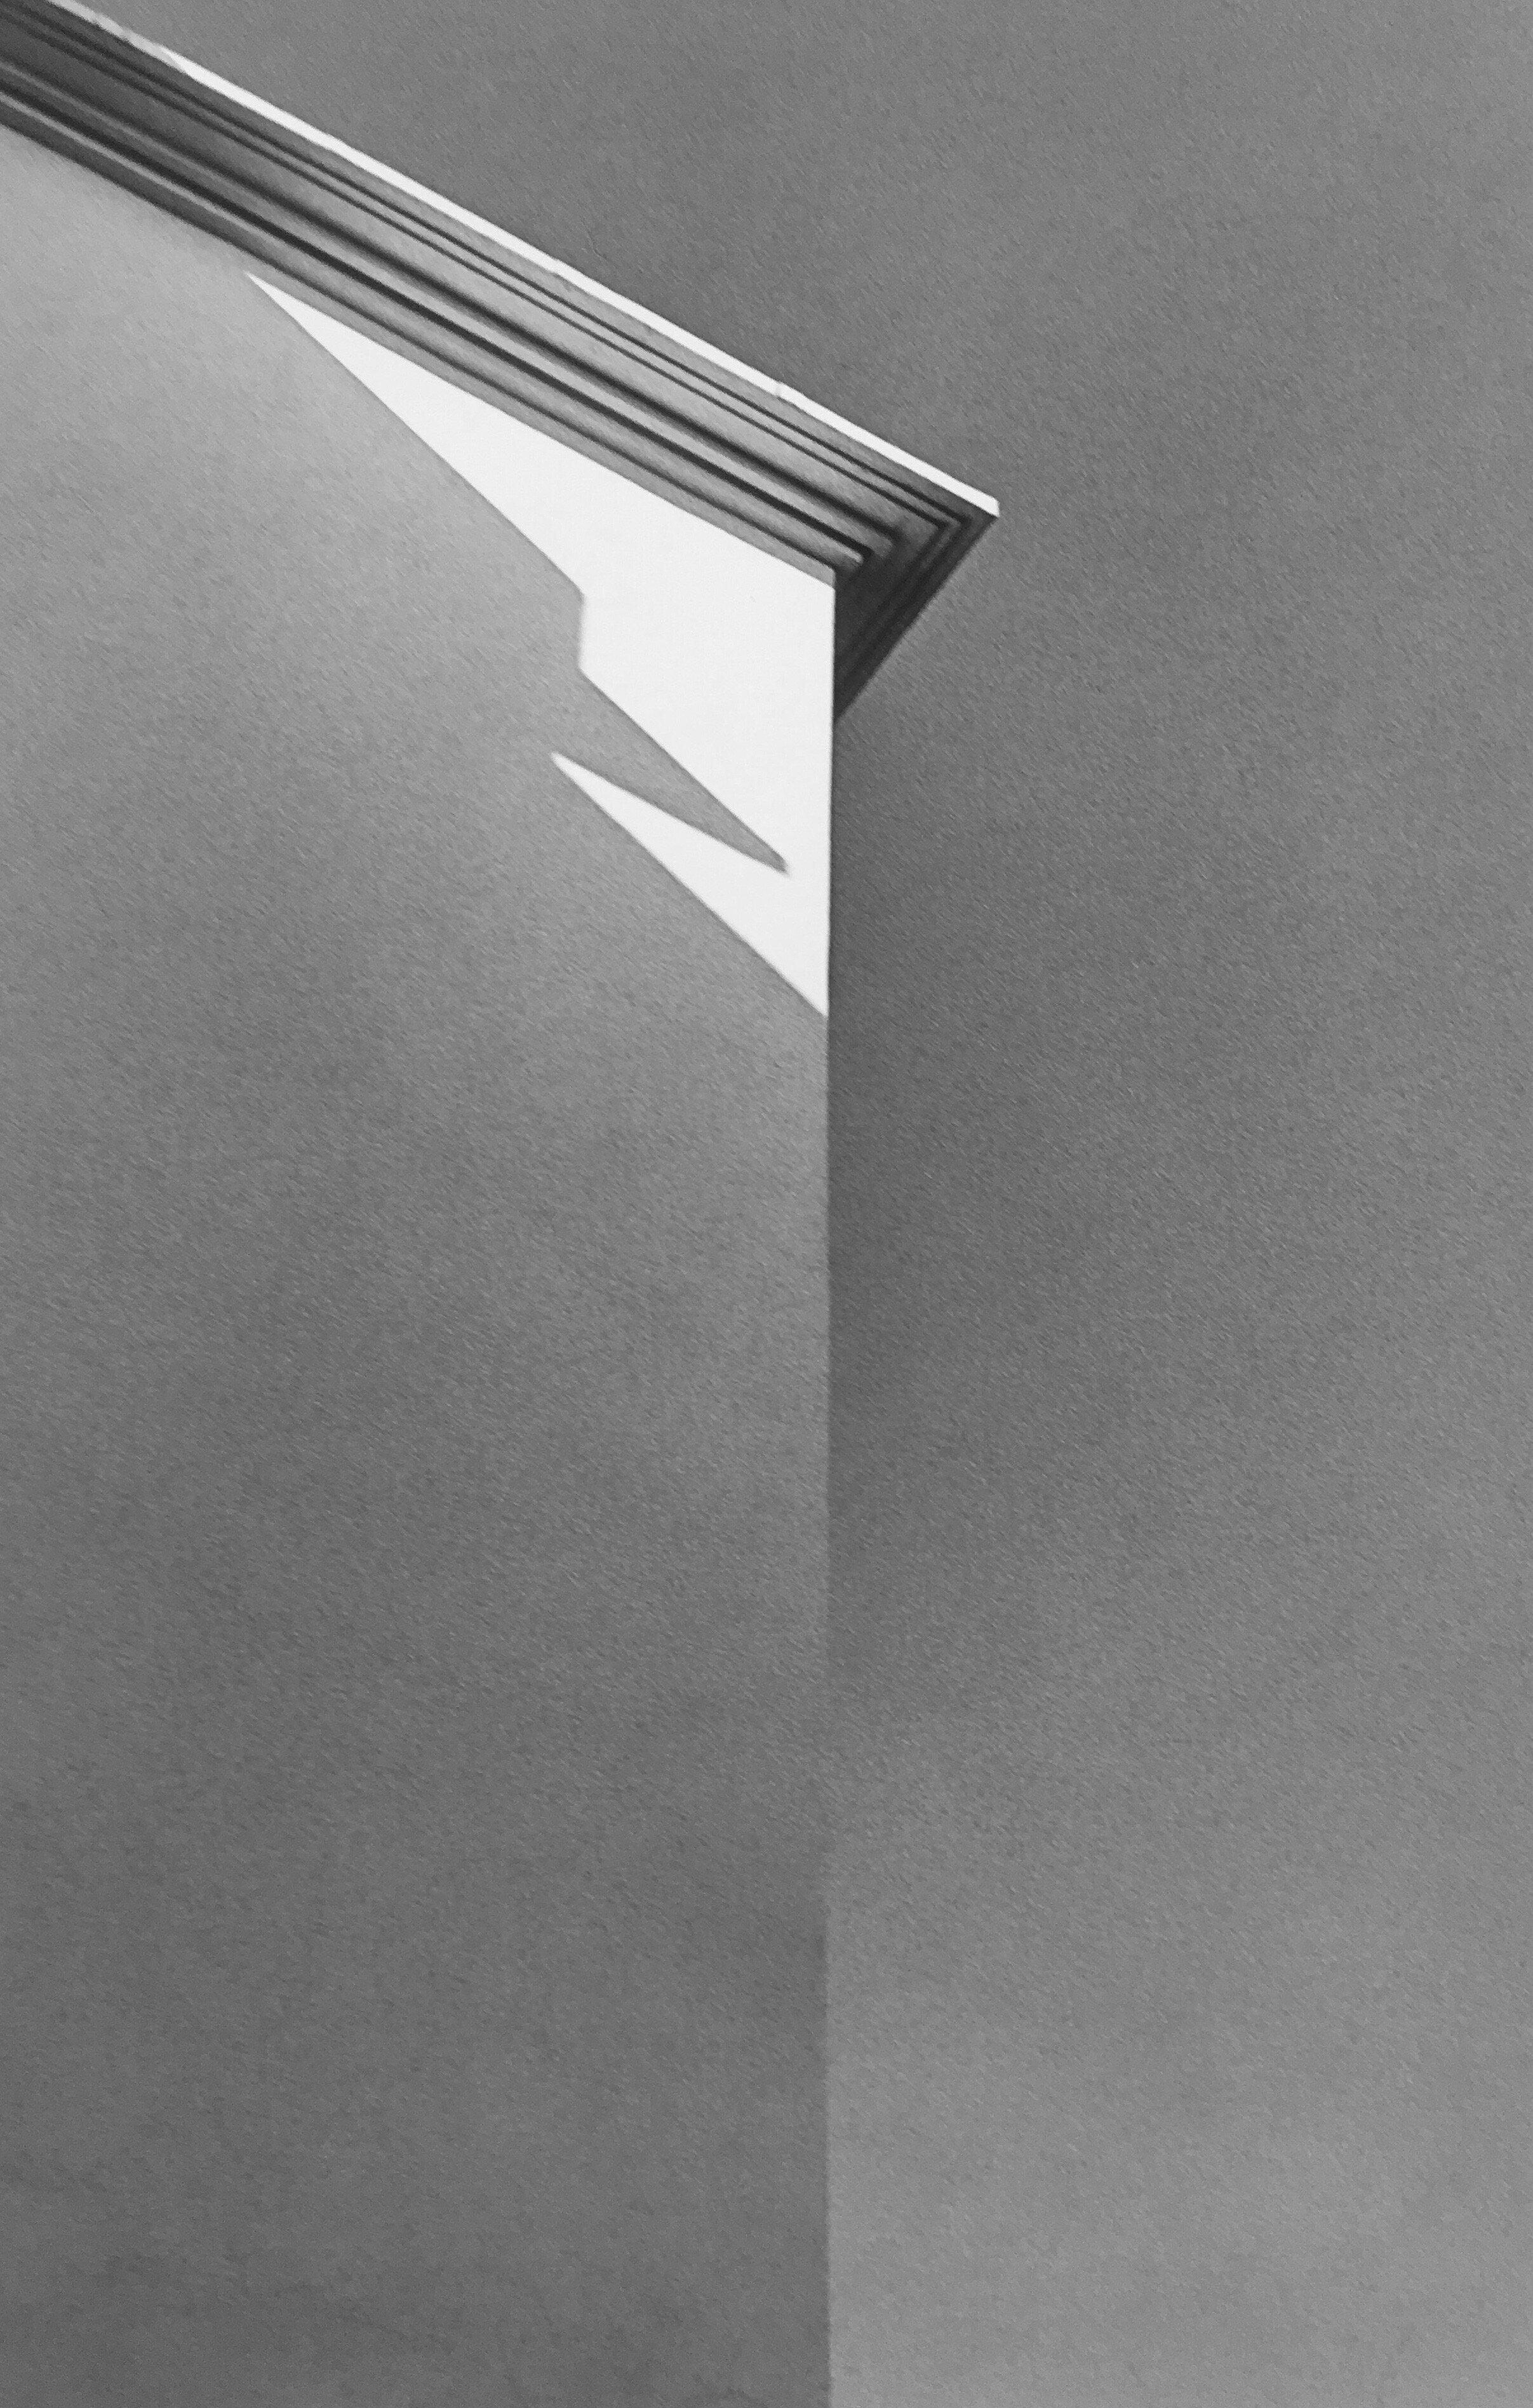 Yannig Hedel - CLJ-1, Porto-Cruz, 1993